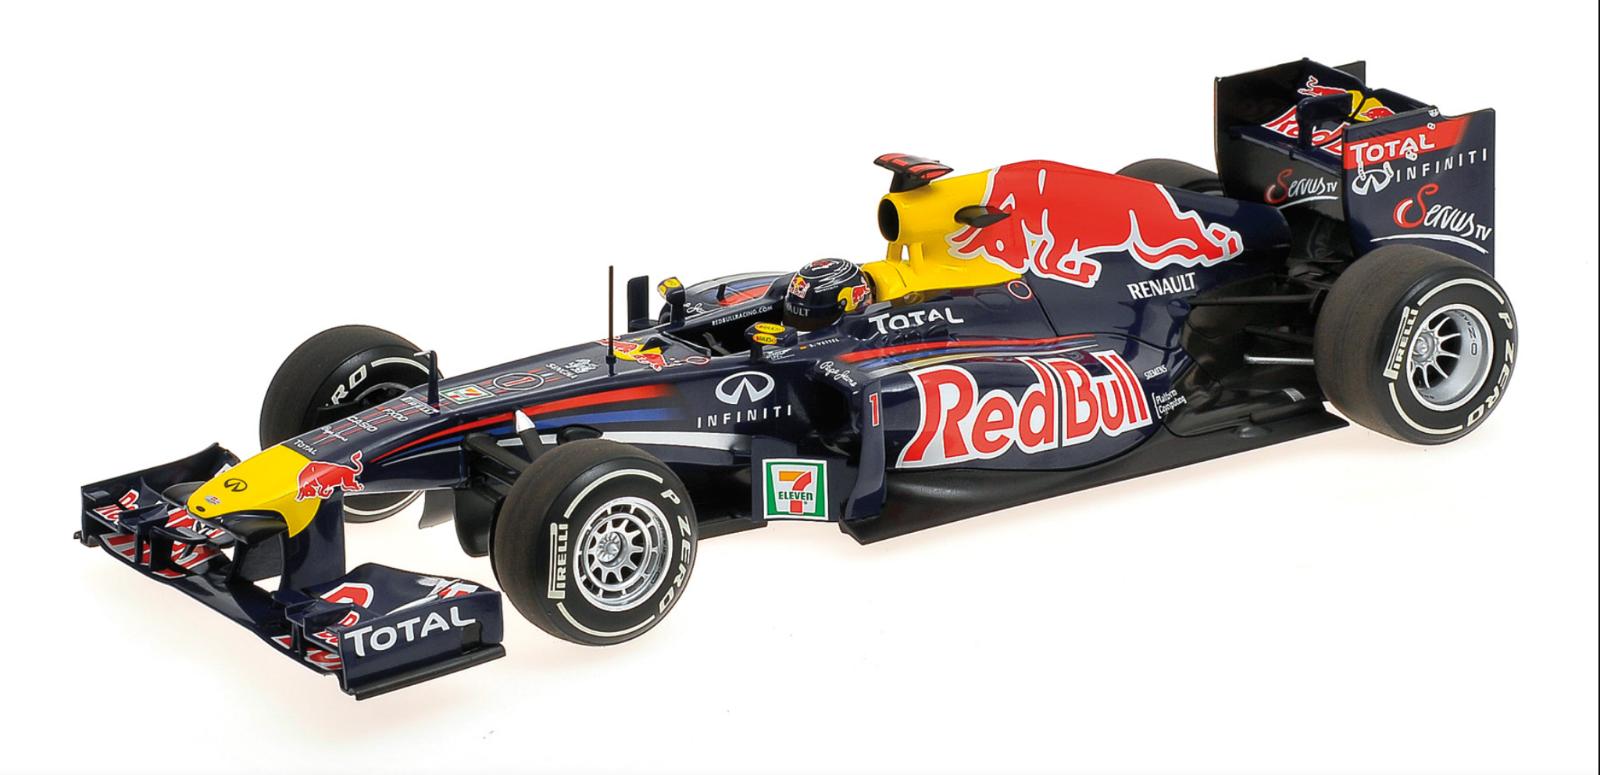 1 18 rouge Bull Renault RB7 Vettel Japan 2011 1 18 • Minichamps 110110301